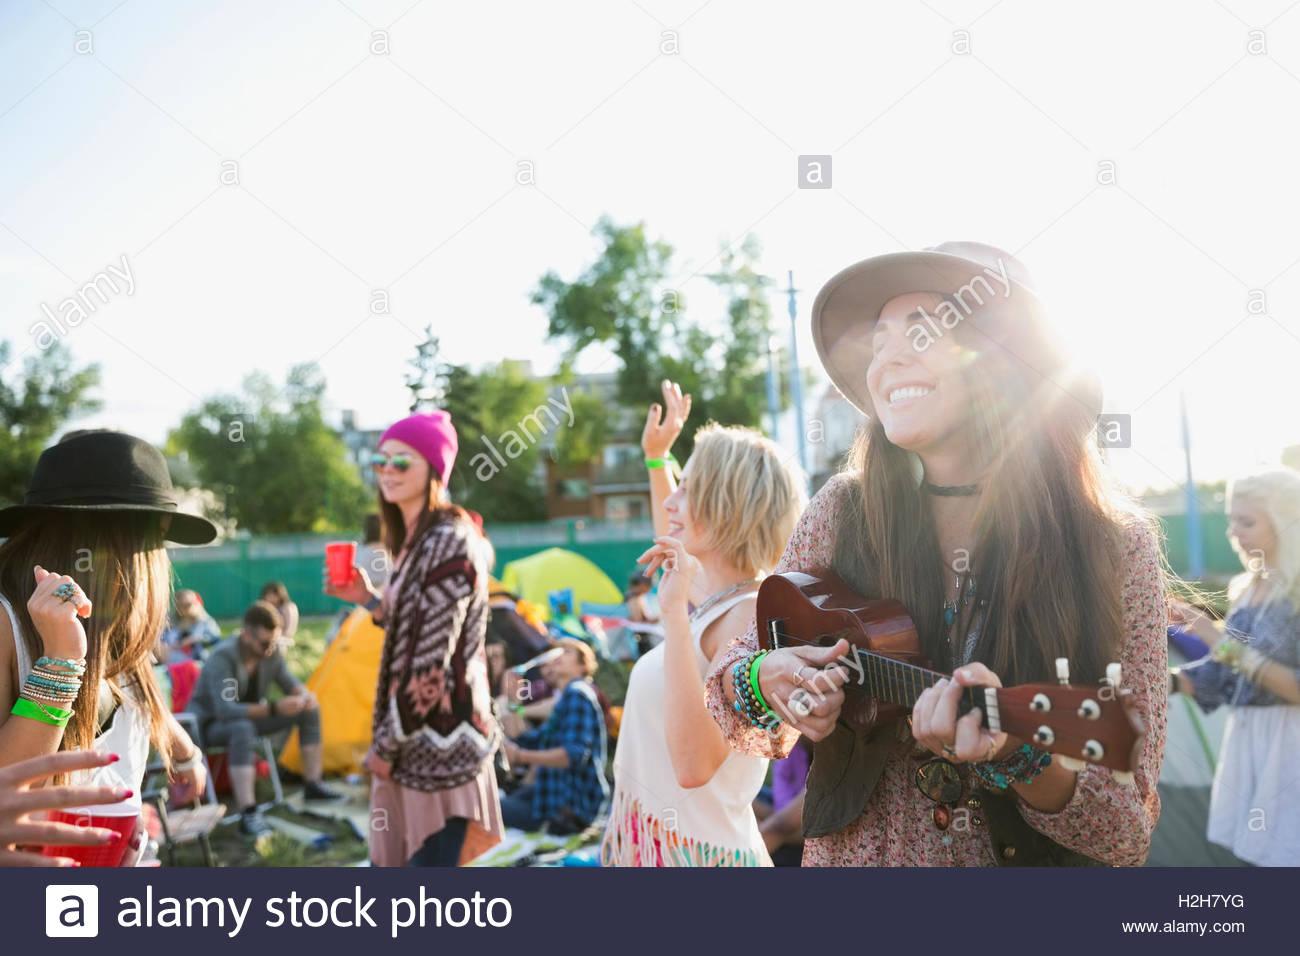 Sorridente giovane donna giocando ukulele al festival musicale estivo Campeggio Immagini Stock